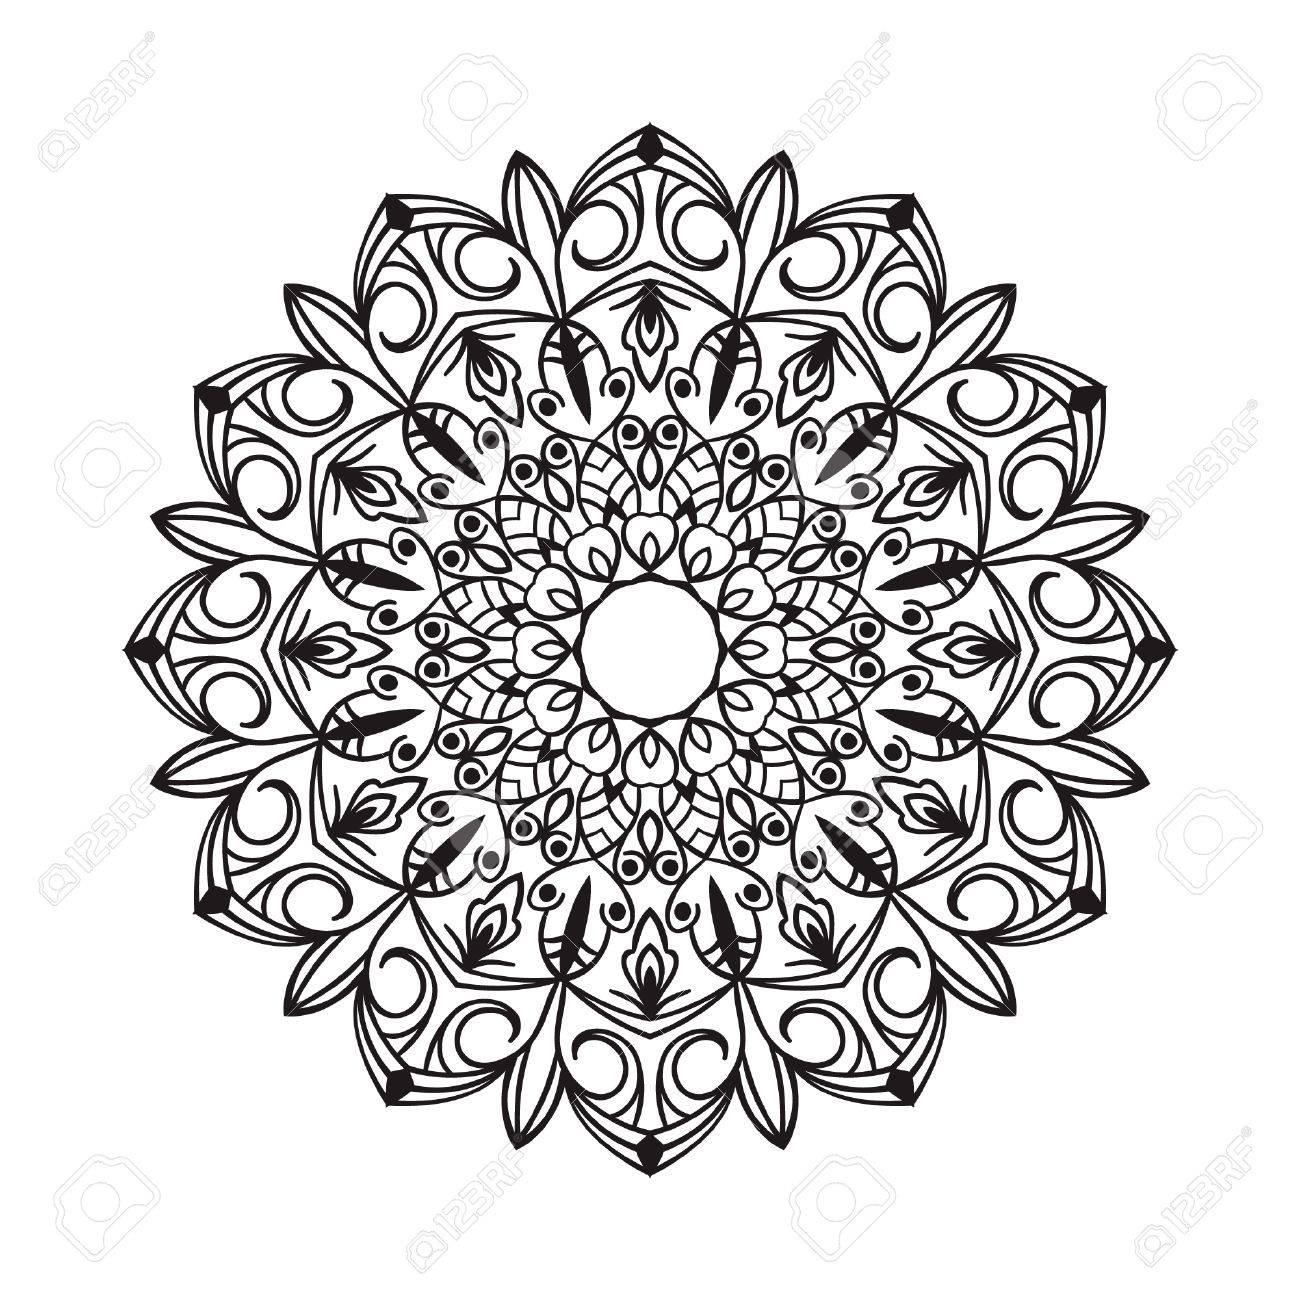 Mandala Dibujo Negro Aislado En Blanco Diseño De Página Del Libro